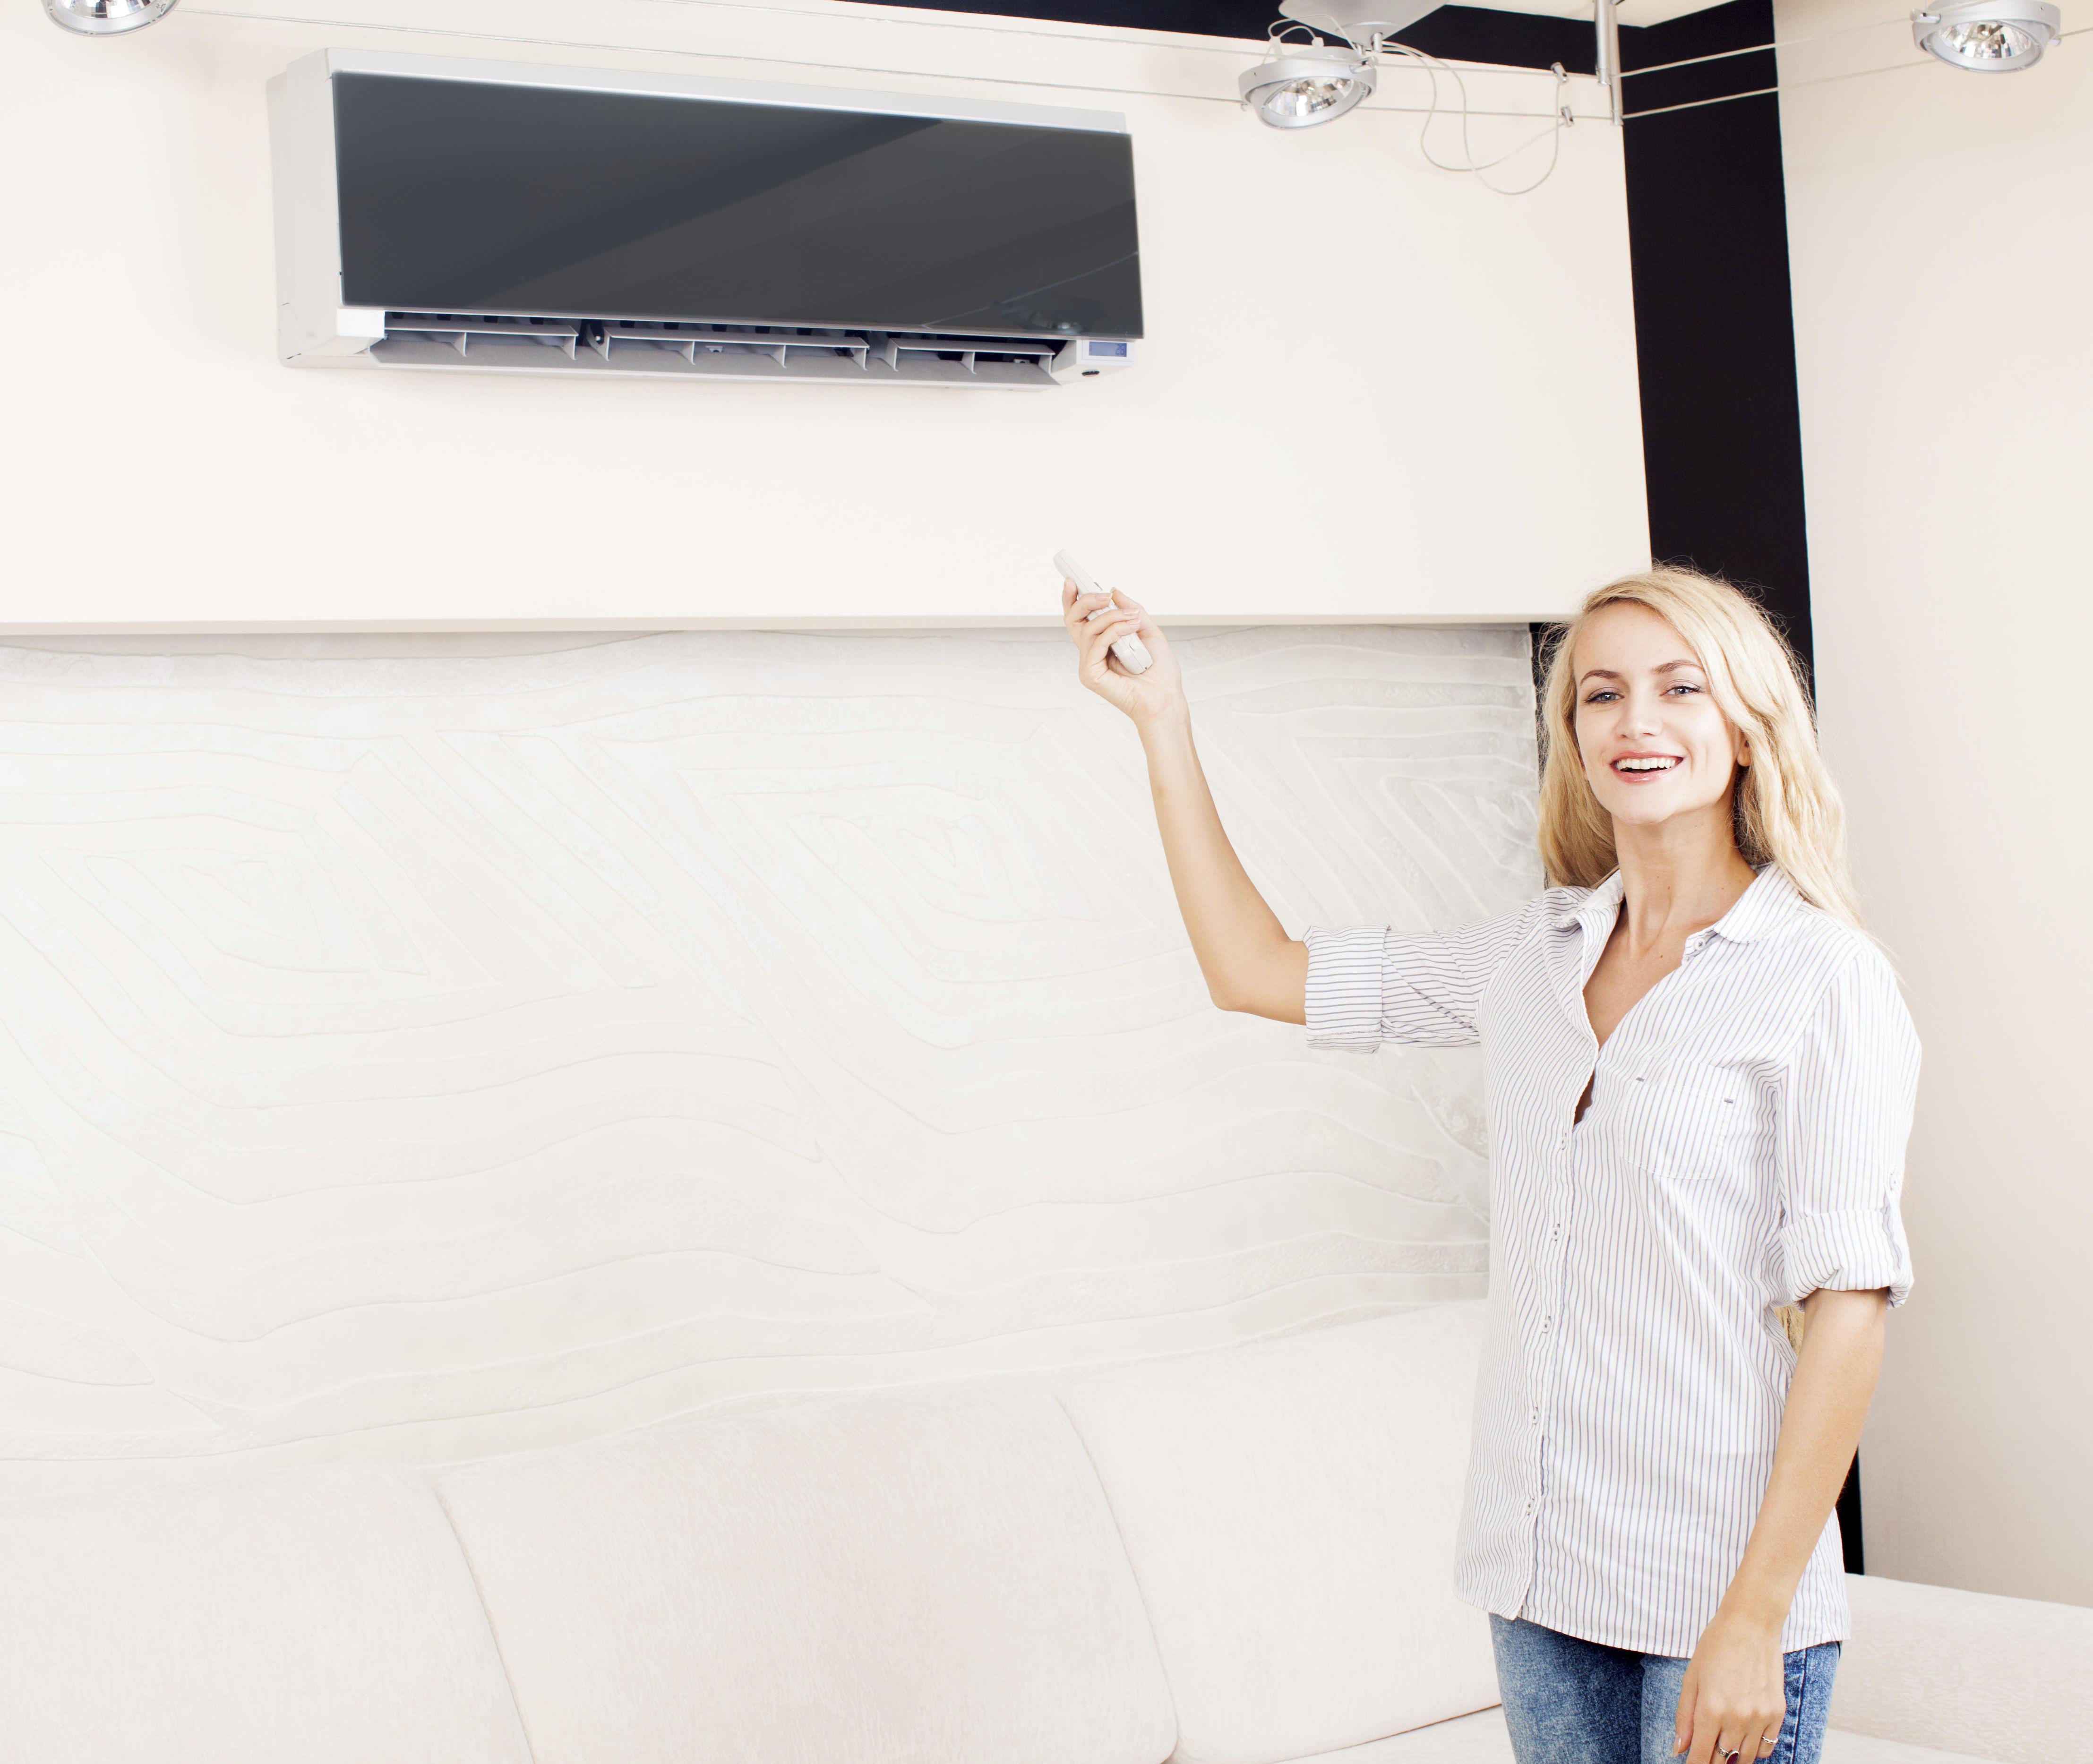 Venta e instalación de aparatos de aire acondicionado